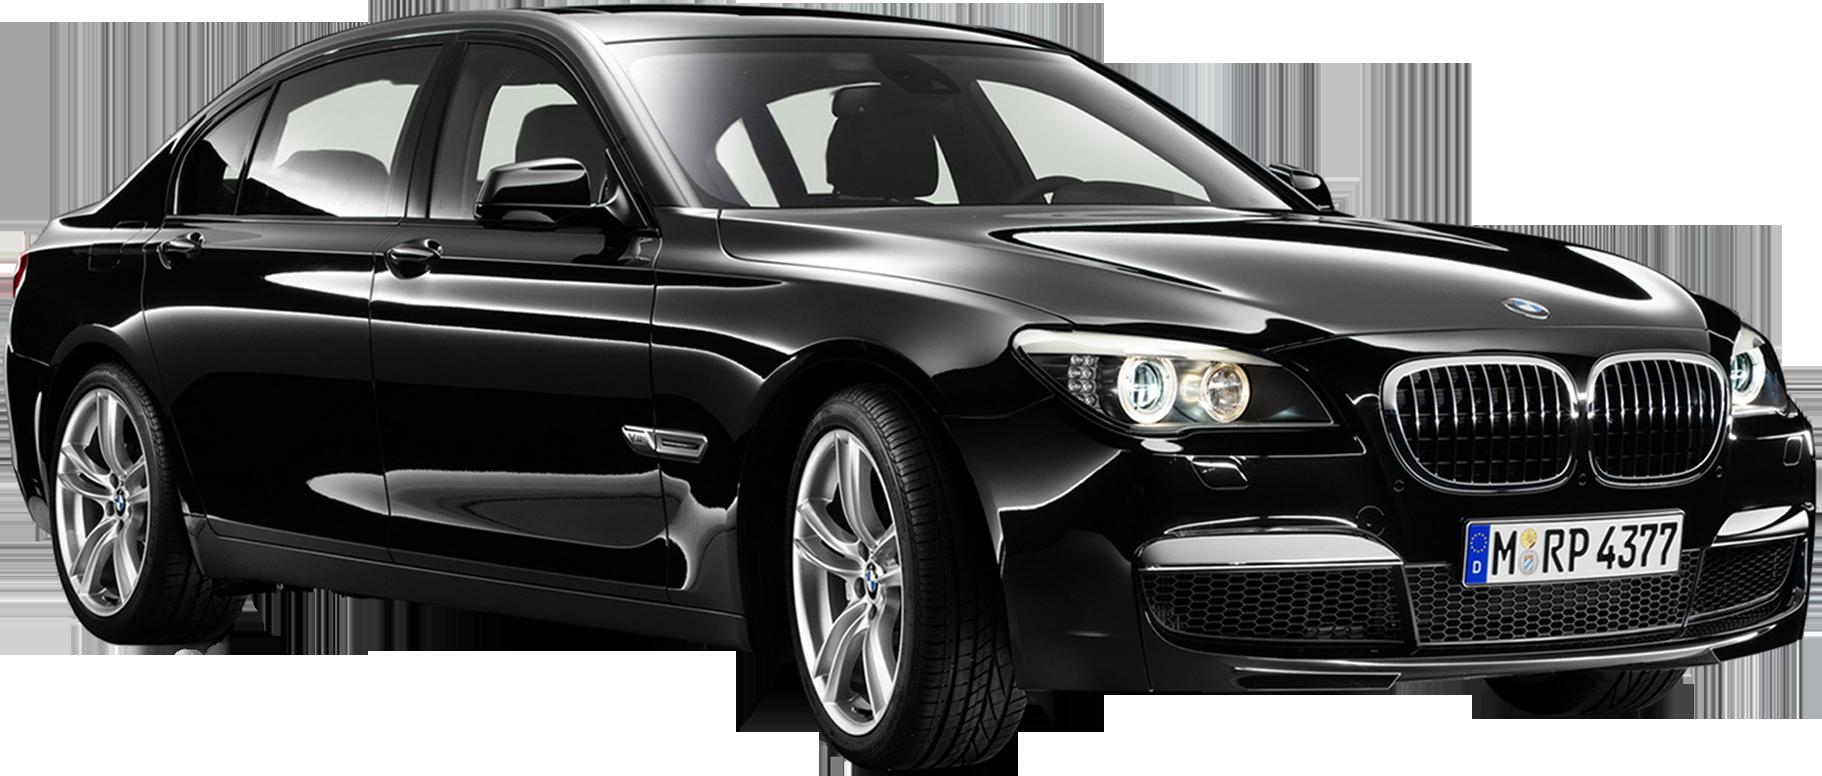 Lavish Black BMW